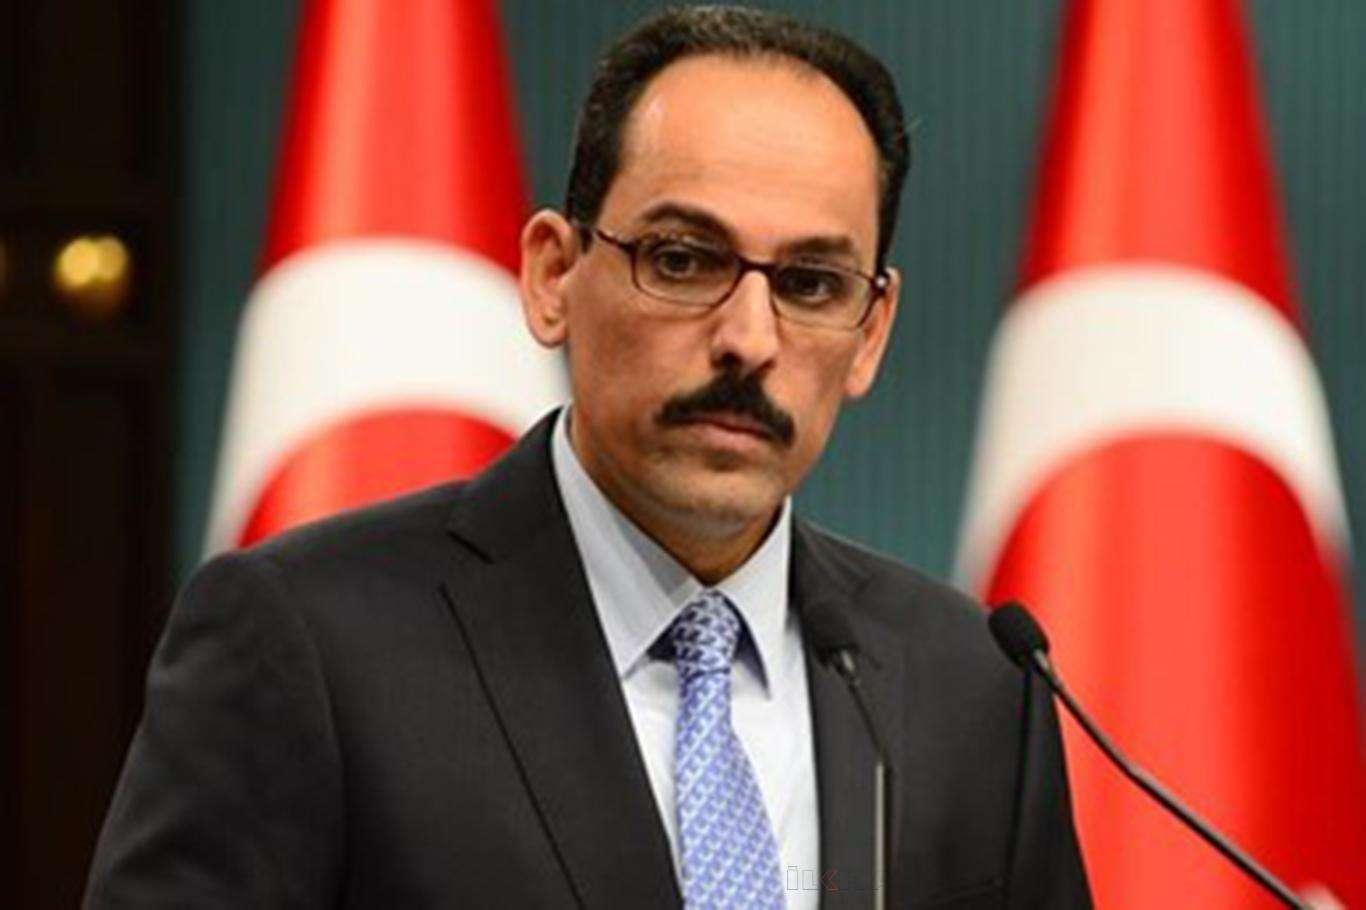 İbrahim Kalın: Türkiye menfaatlerini koruma konusunda tam bir kararlılık içerisindedir